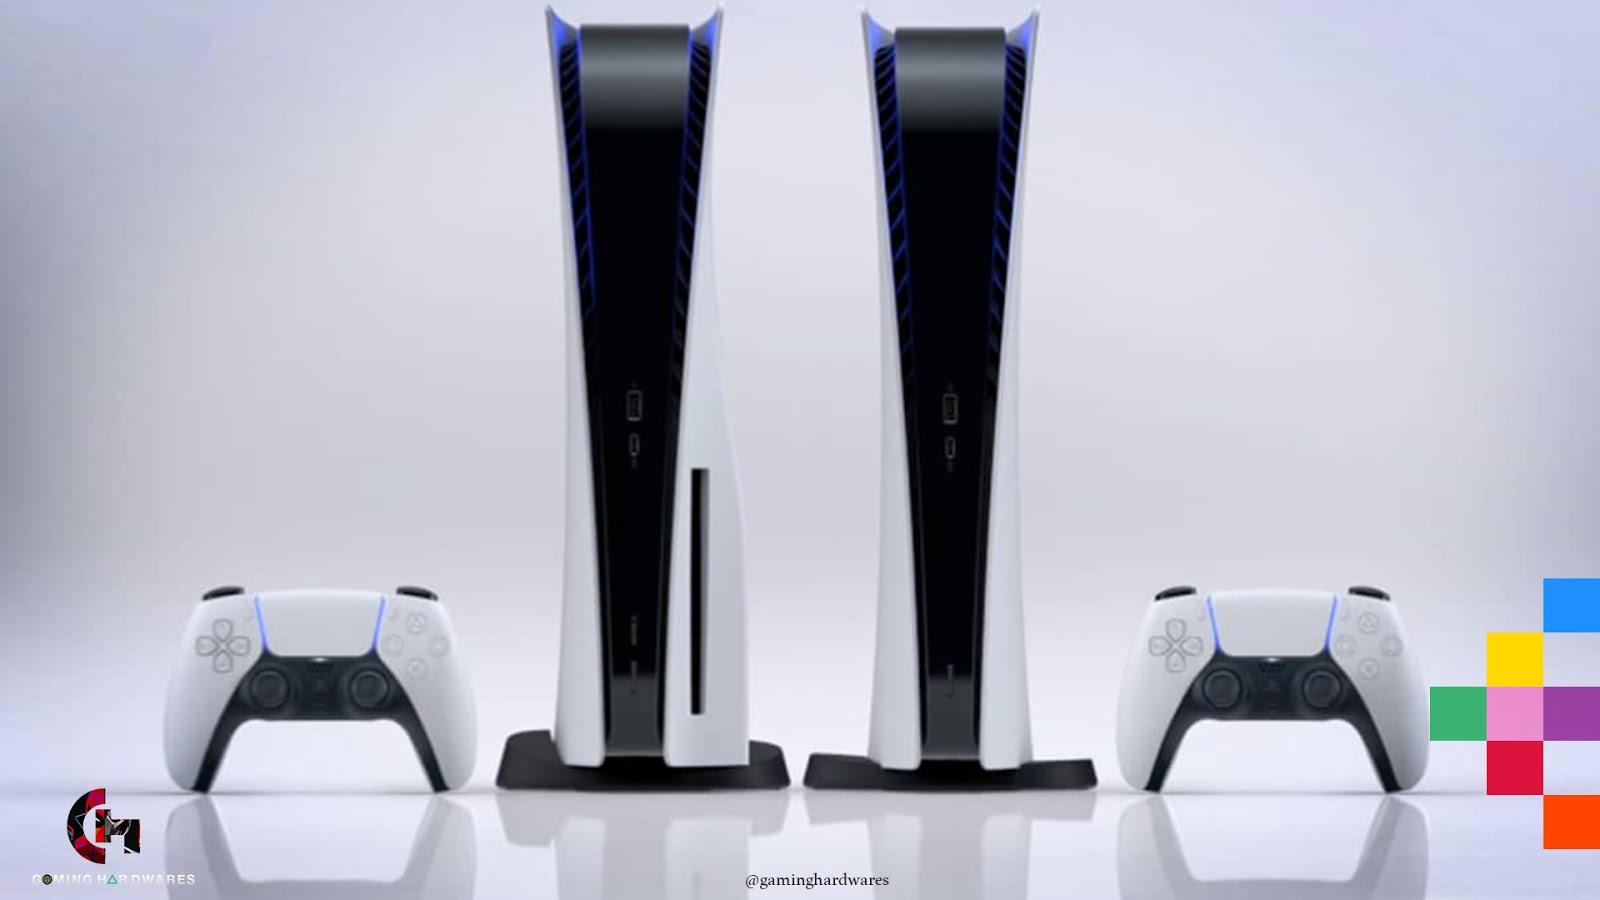 PS5 pre-orders